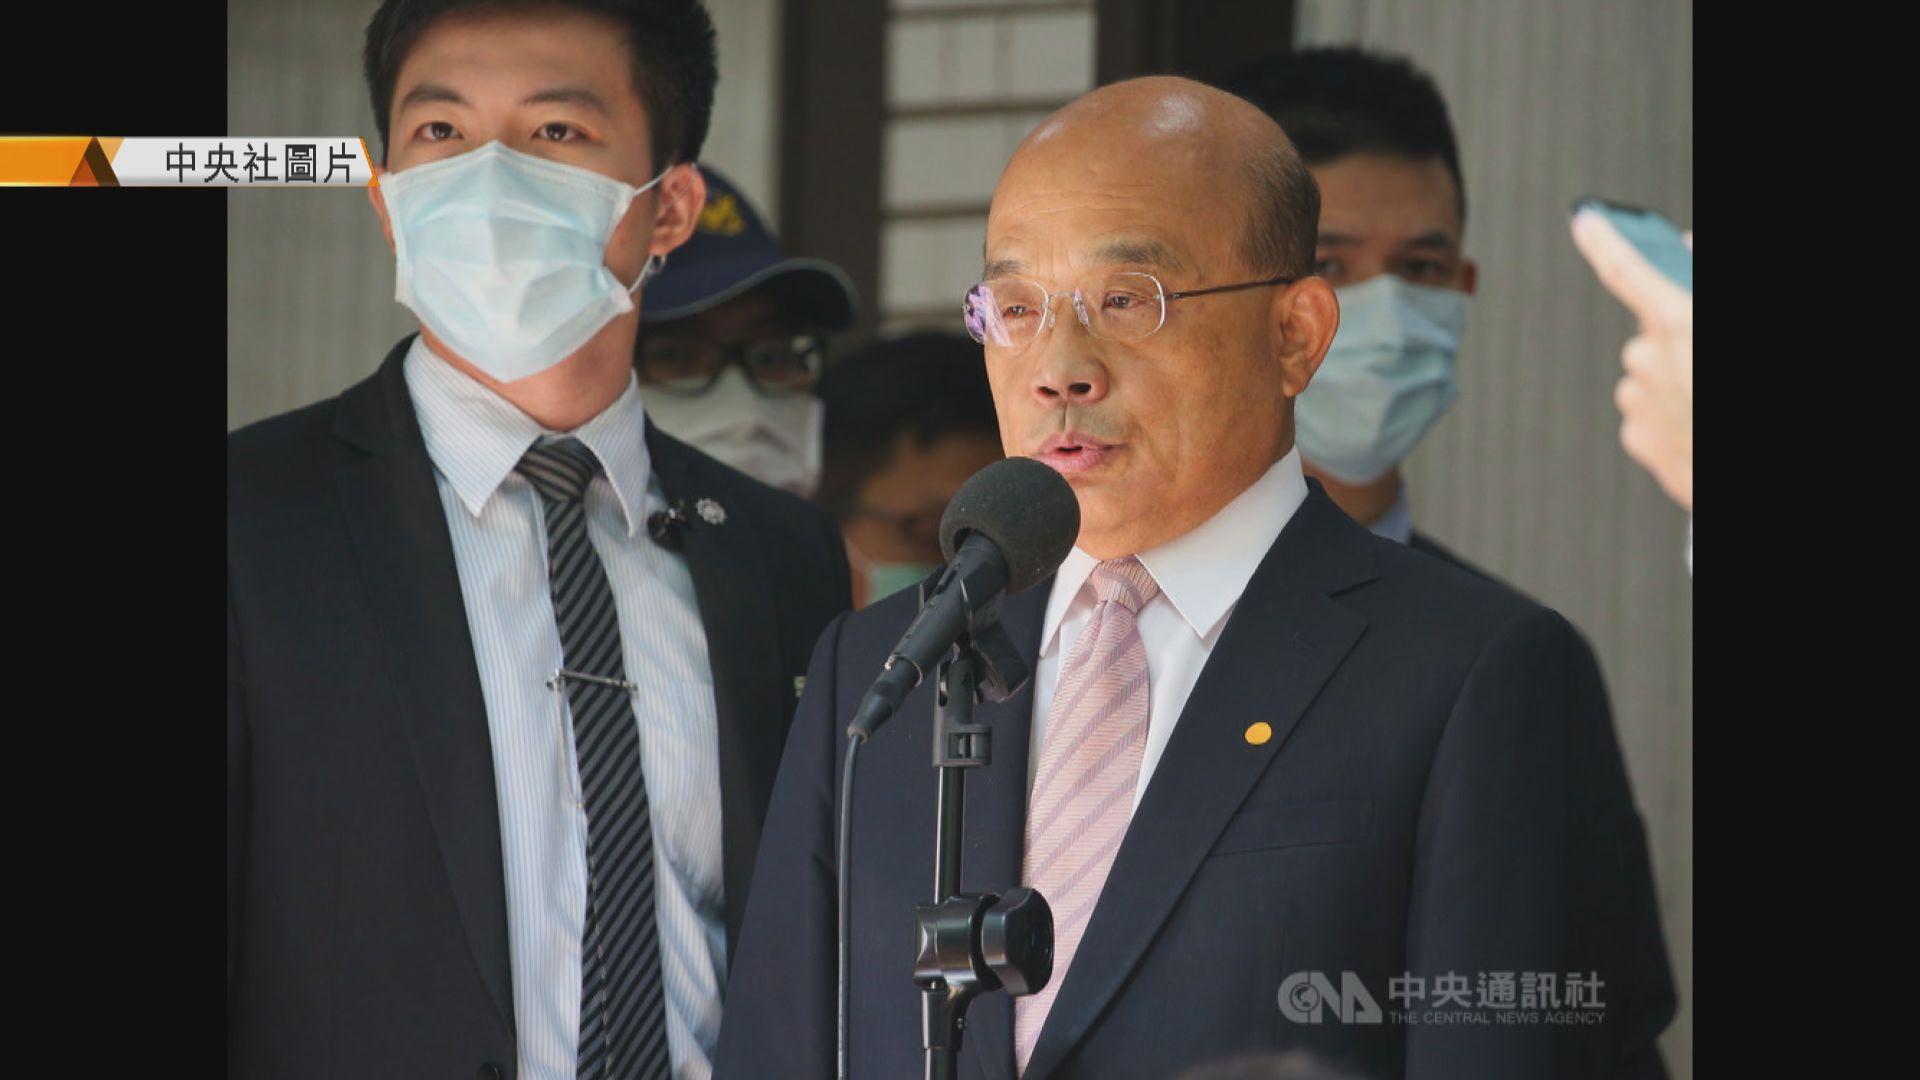 蘇貞昌:台灣看到香港的變化更應警惕